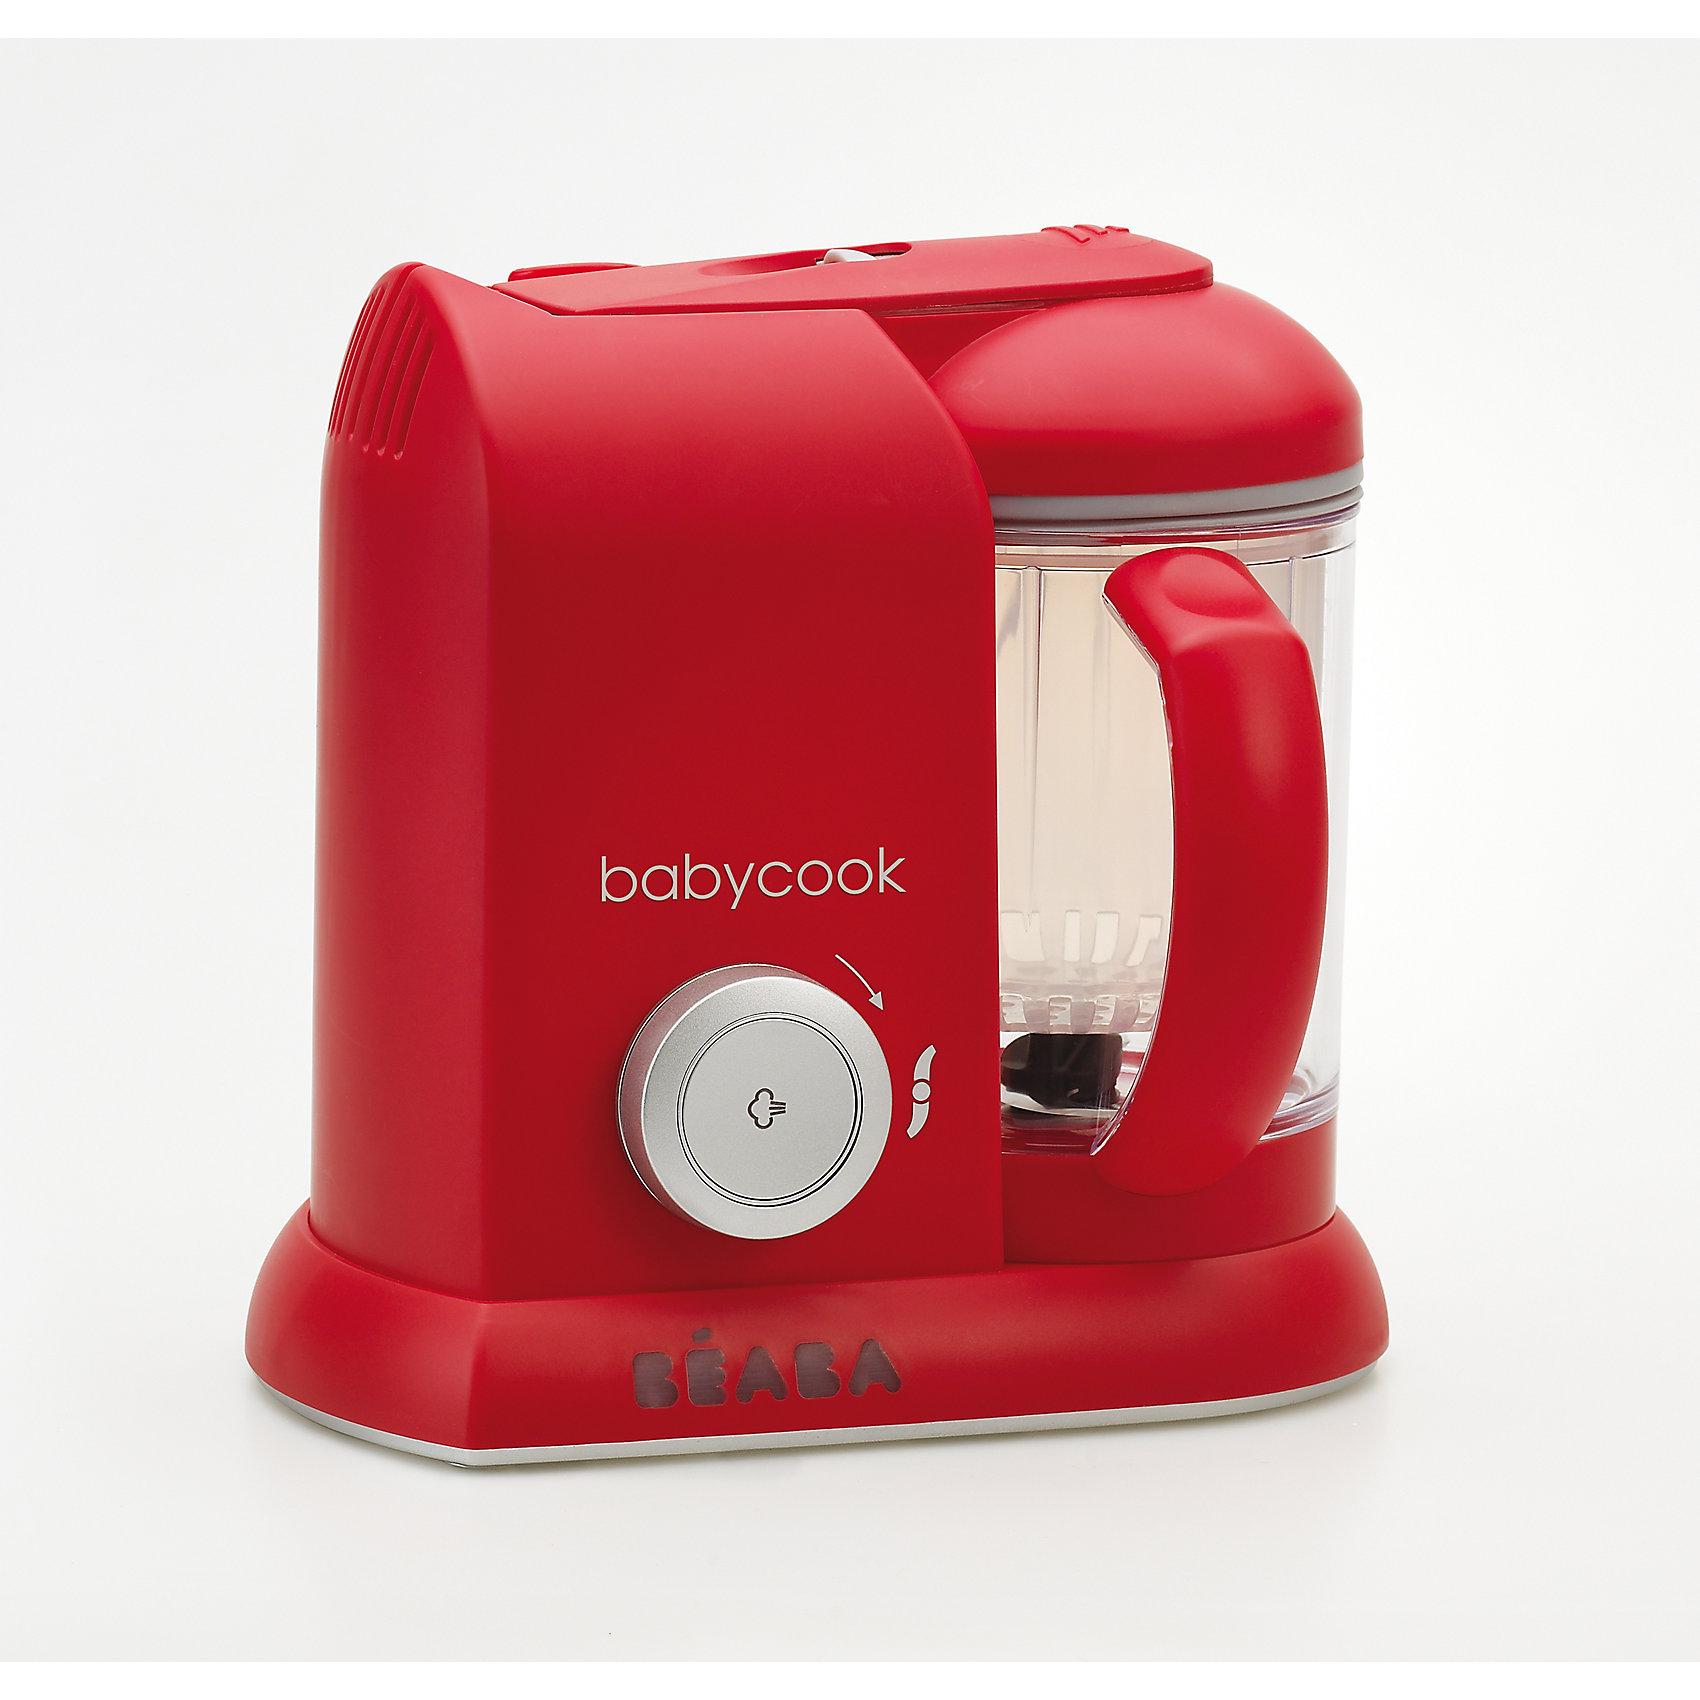 Блендер-пароварка Babycook, Beaba, SOLO REDДетская бытовая техника<br>Блендер-пароварка Babycook, Beaba (Беаба), SOLO RED<br><br>Характеристики:<br><br>• готовит на пару, измельчает готовые продукты, размораживает и подогревает<br>• готовит мясо, овощи и другие продукты за 15 минут<br>• крышка легко открывается и закрывается<br>• автоматическое отключение<br>• звуковой сигнал<br>• экран с подсветкой<br>• легкая и компактная<br>• объем кувшина: 1100 мл<br>• управление: механическое<br>• в комплекте: нож для измельчения, лопатка, паровая корзина, крышка чаши с фильтром для фруктовых коктейлей, книга с рецептами для малышей<br>• материал: пластик, металл<br>• размер: 27,5х19х25 см<br>• вес: 2200 грамм<br>• размер упаковки: 28х25х20 см<br>• цвет: красный<br><br>Блендер-пароварка Babycook - прекрасный помощник для мам. Он совмещает 4 важных функции: приготовление на пару, измельчение и приготовление пюре, размораживание и подогрев. Вы всегда будете знать, какие продукты входят в еду ребенка и сможете самостоятельно выбрать нужную консистенцию. Блендер-пароварка оснащена экраном с подсветкой, звуковым сигналом при окончании приготовления и автоматическим отключением. <br><br>Процесс приготовления на пару занимает не более 20 минут. Специальный механизм позволит вам открыть и закрыть крышку кувшина одной рукой. Пароварка очень легкая и компактная - она не займет много места на кухне. В комплект входит книга с рецептами для малышей от 6 месяцев до двух лет.<br><br>Блендер-пароварку Babycook, Beaba (Беаба), SOLO RED можно купить в нашем интернет-магазине.<br><br>Ширина мм: 240<br>Глубина мм: 180<br>Высота мм: 240<br>Вес г: 2400<br>Возраст от месяцев: 4<br>Возраст до месяцев: 2147483647<br>Пол: Унисекс<br>Возраст: Детский<br>SKU: 5445708